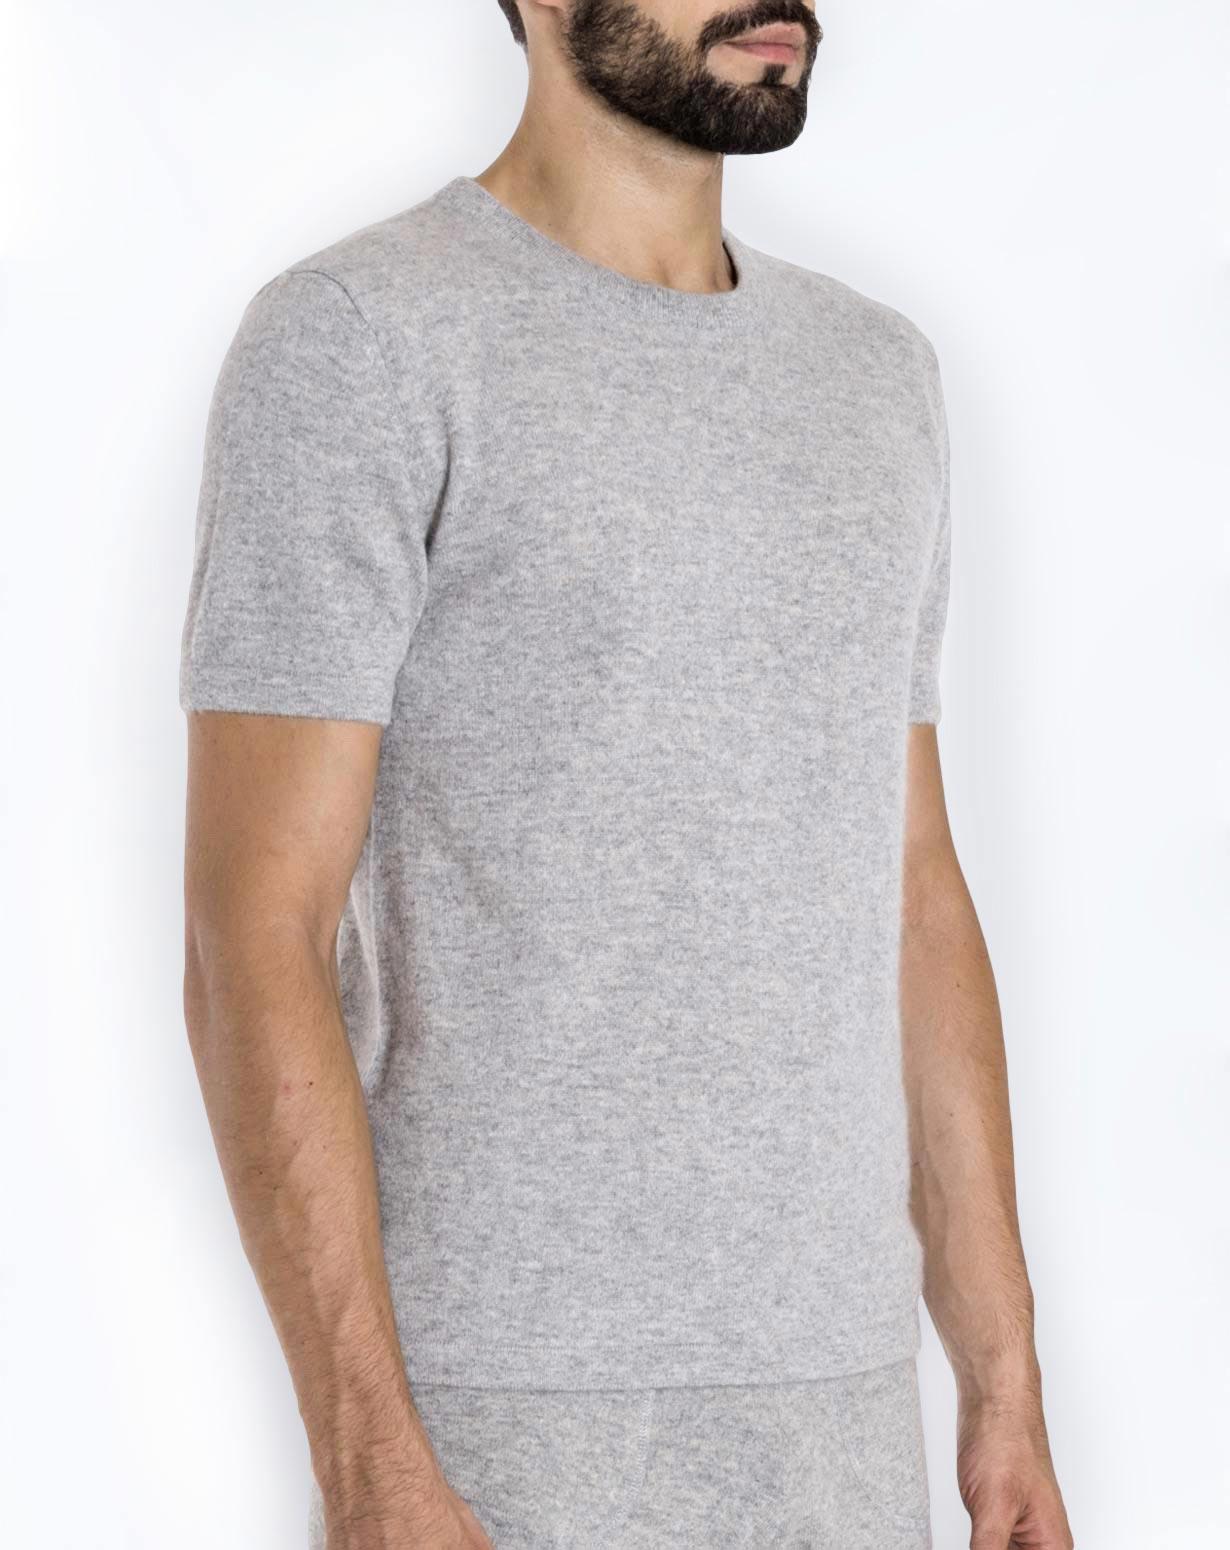 4c85cff33 Men's Cashmere Knit T-Shirt | MaisonCashmere